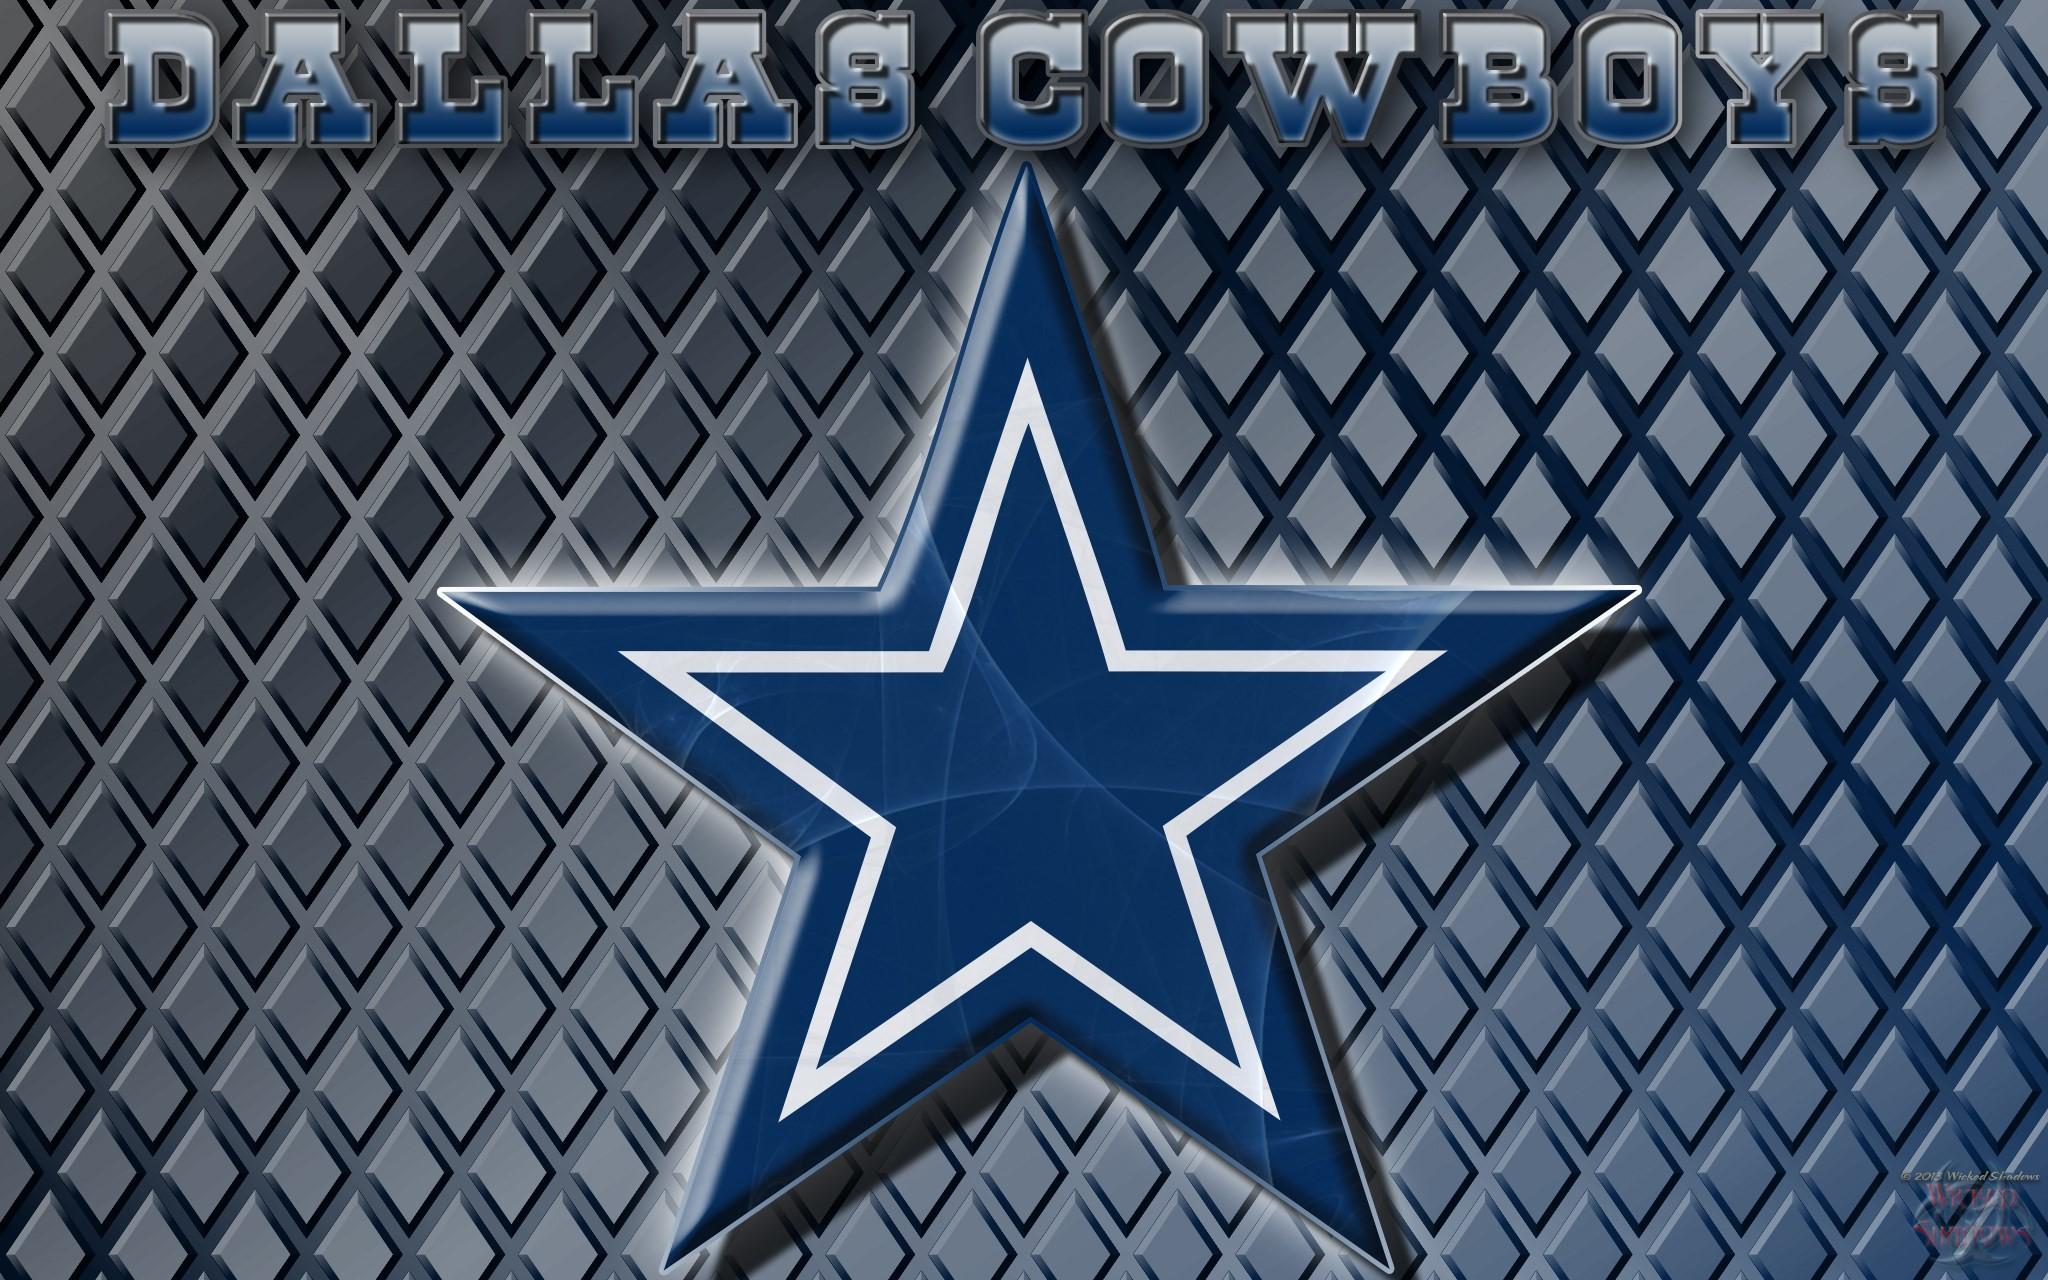 Dallas cowboys computer wallpaper wallpapertag - Cowboy wallpaper hd ...